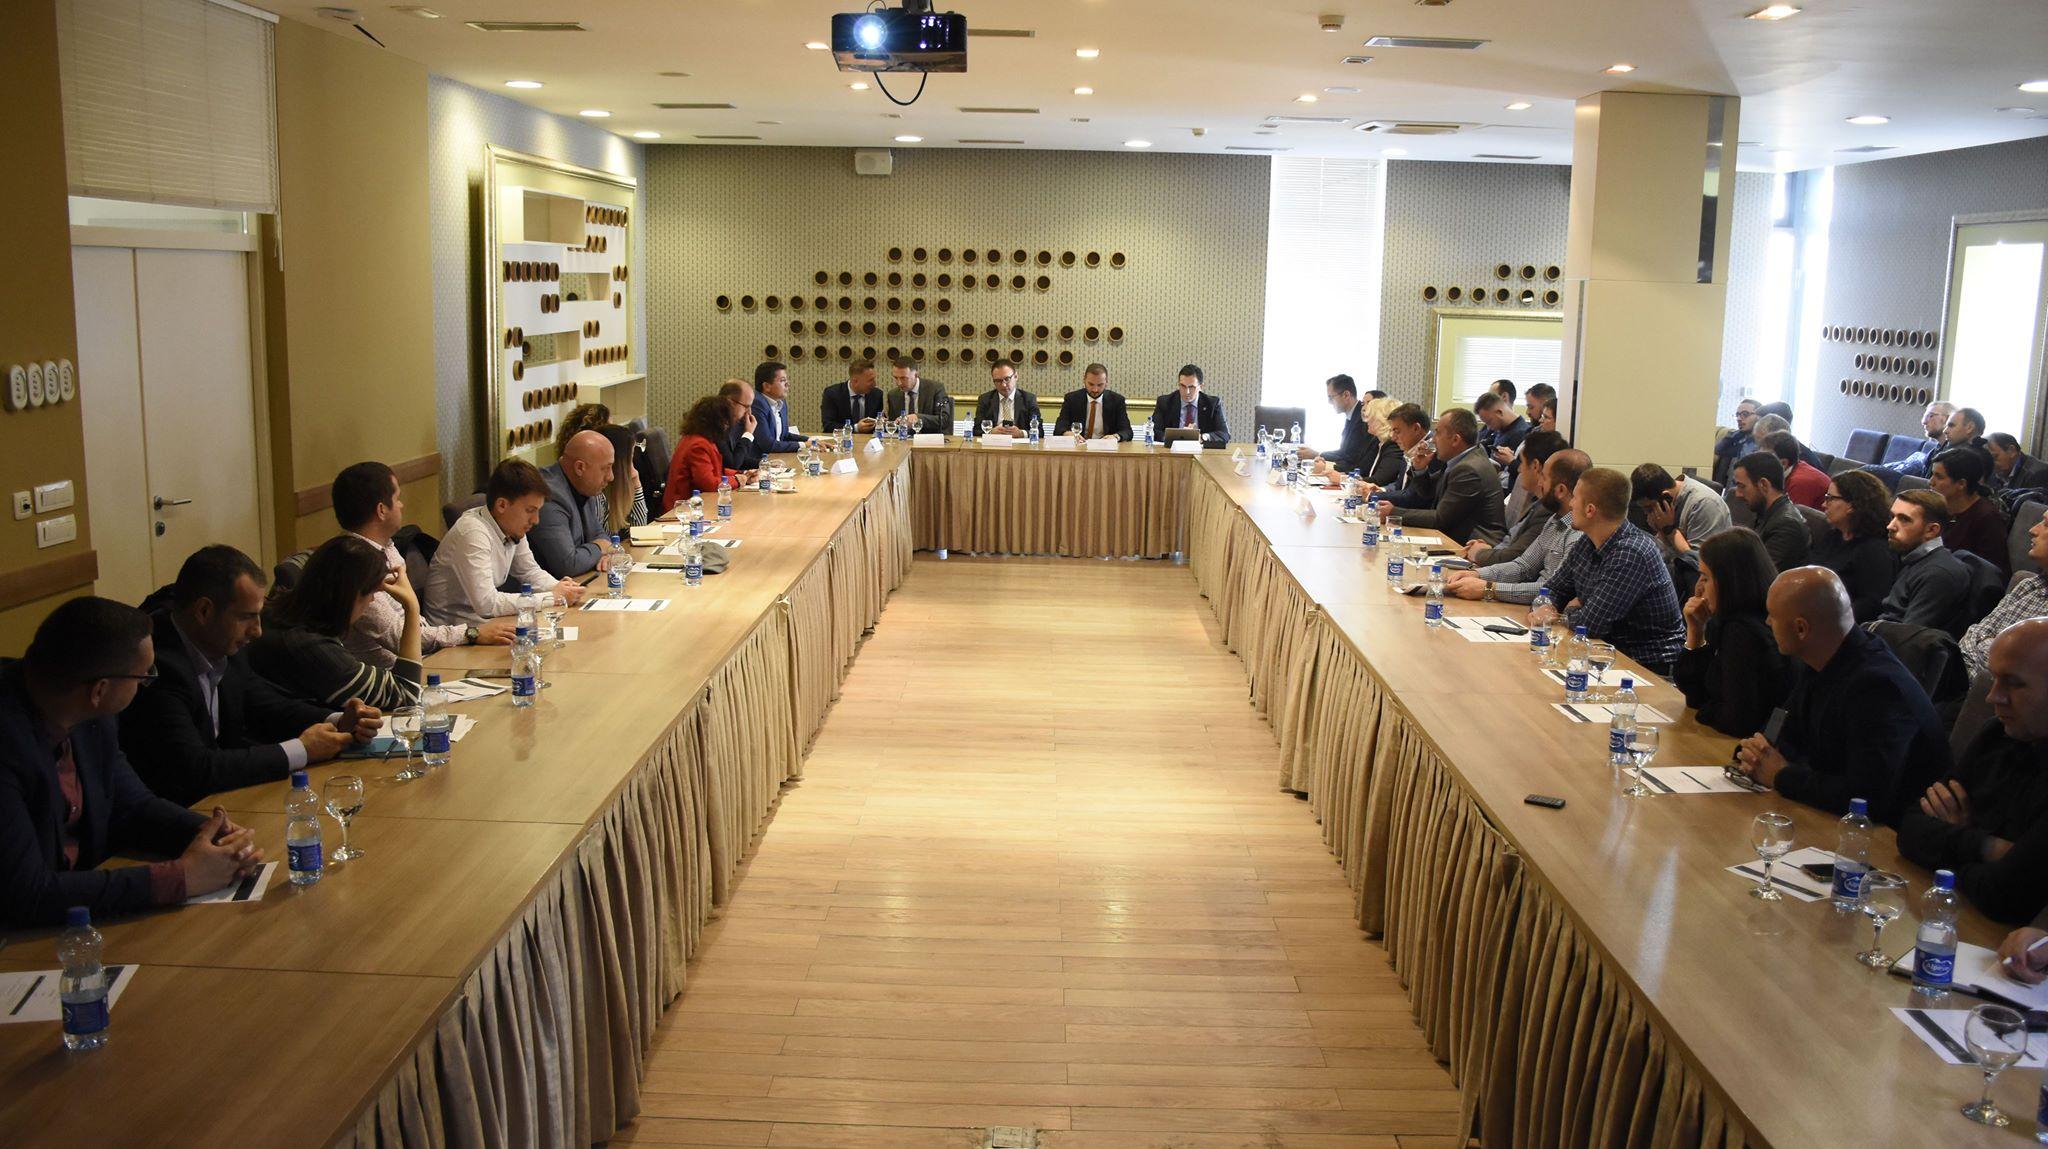 UBT dhe CSP u ndanë mirënjohje gazetarëve që kontribuuan në promovimin e sigurisë kibernetike